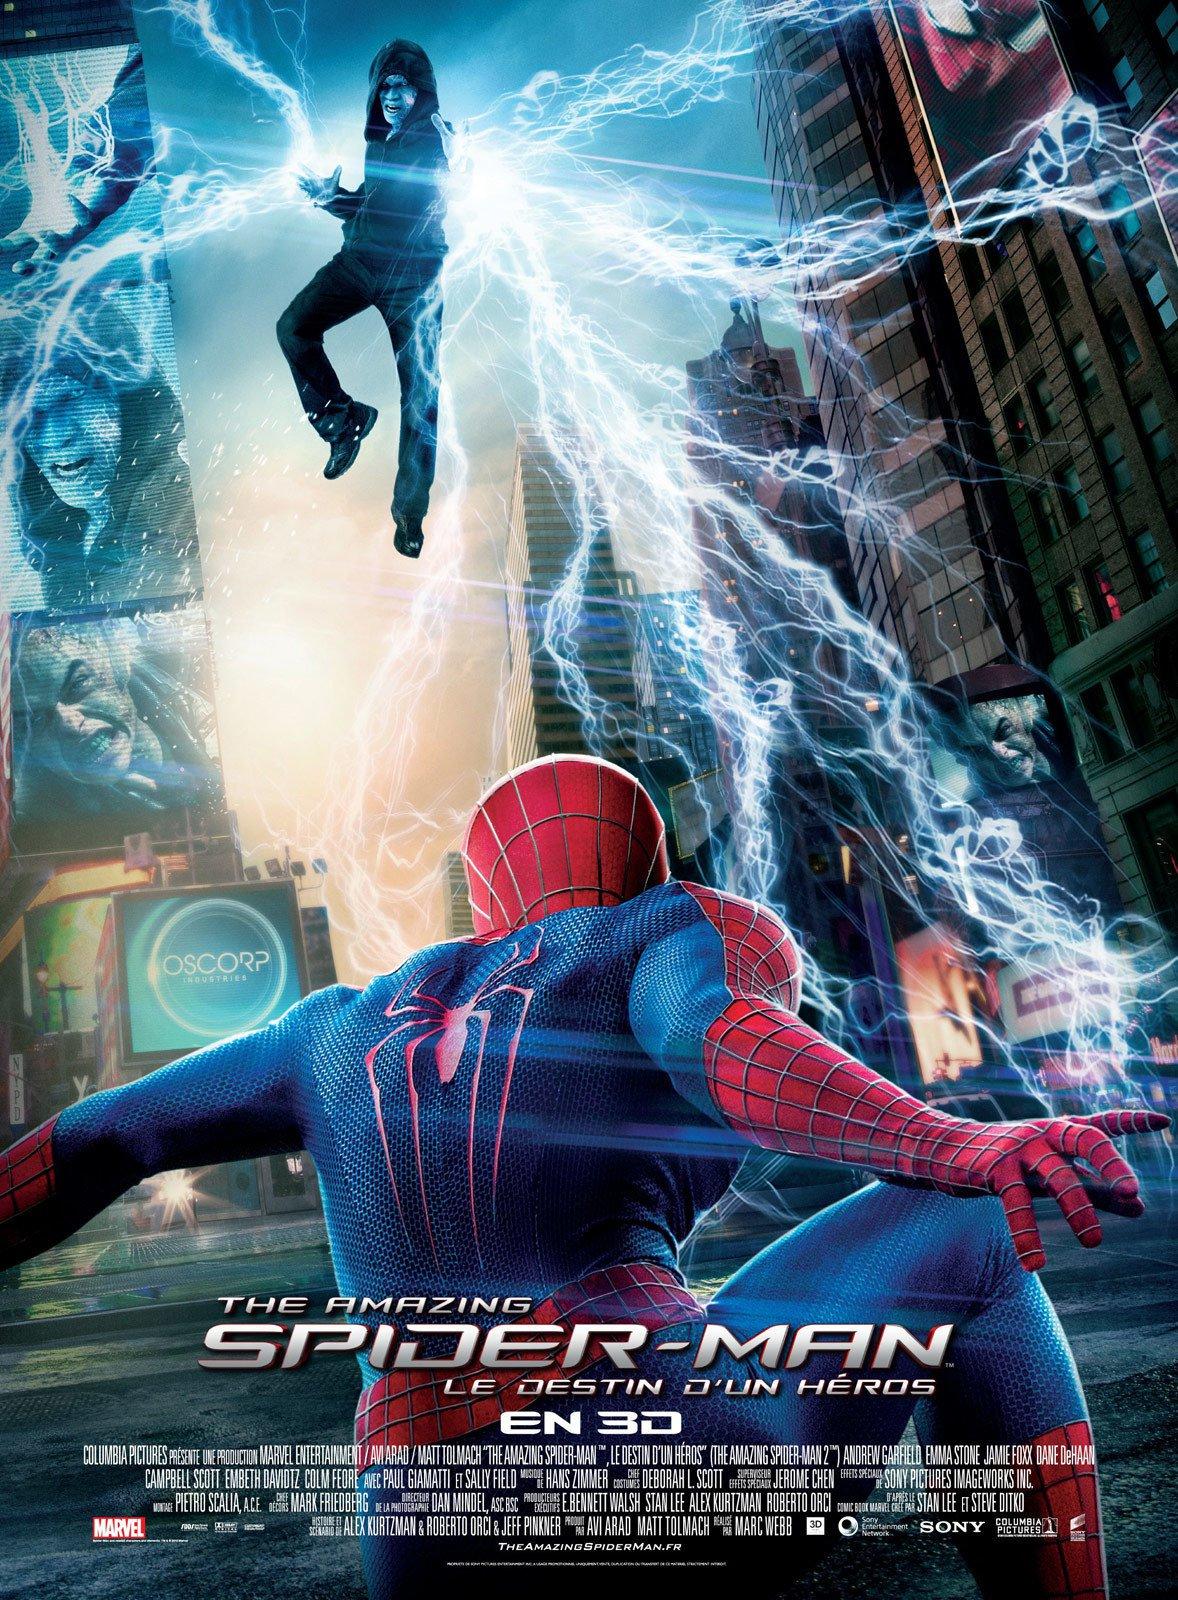 affiche du film The Amazing Spider-Man : Le destin d'un héros